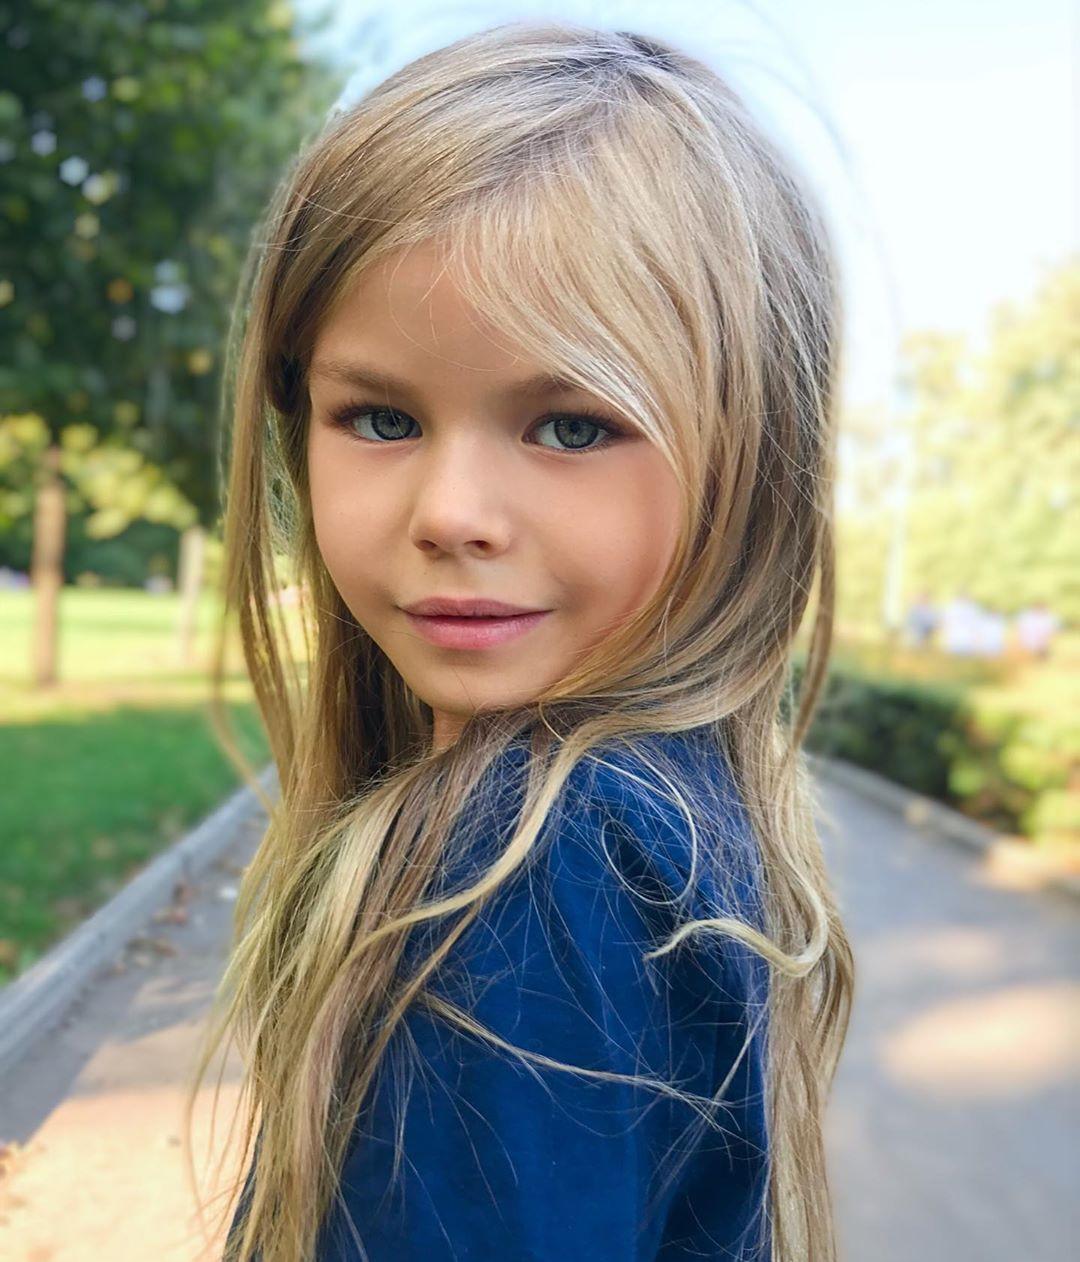 Титул «самой красивой девочки в мире» перешел к 6-летней Алине Якуповой